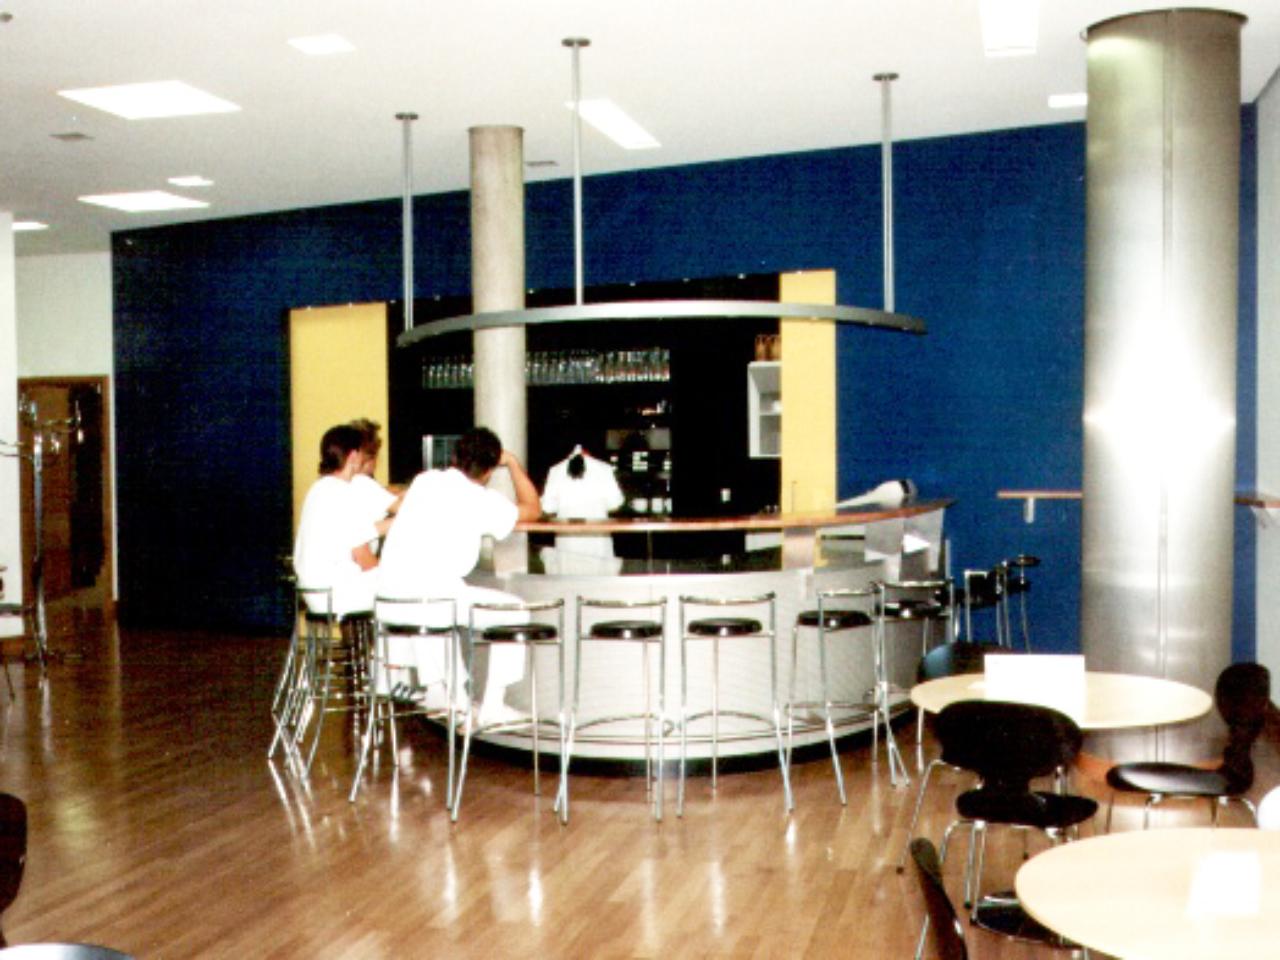 Bistrotheke Herzzentrum Frankfurt